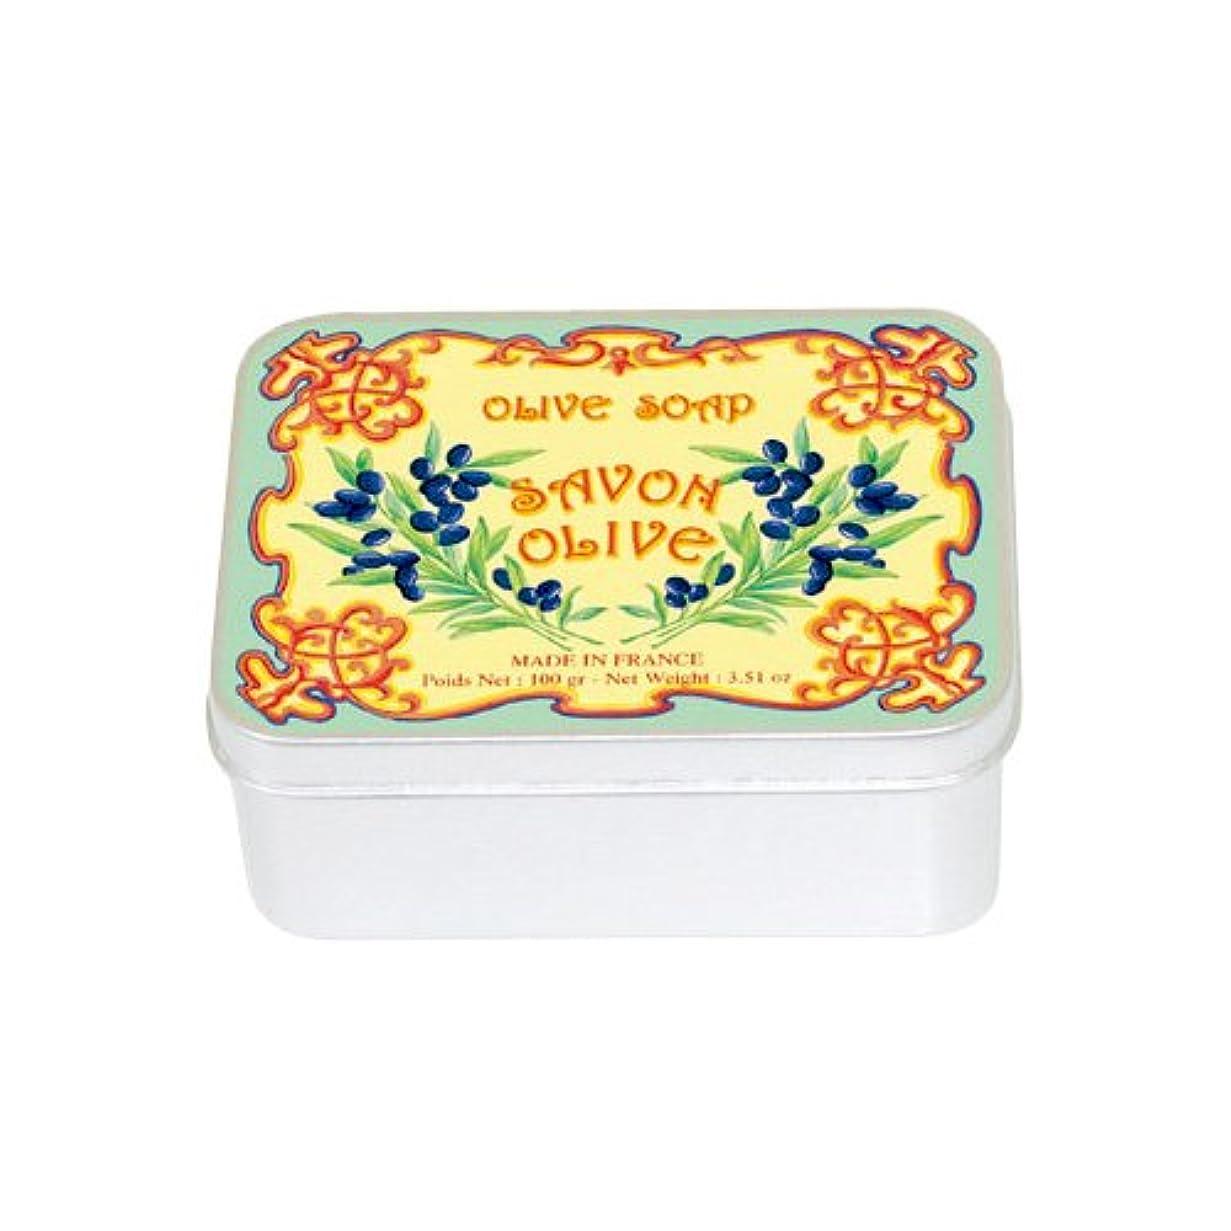 悪因子貞芸術ルブランソープ メタルボックス(オリーブの香り)石鹸